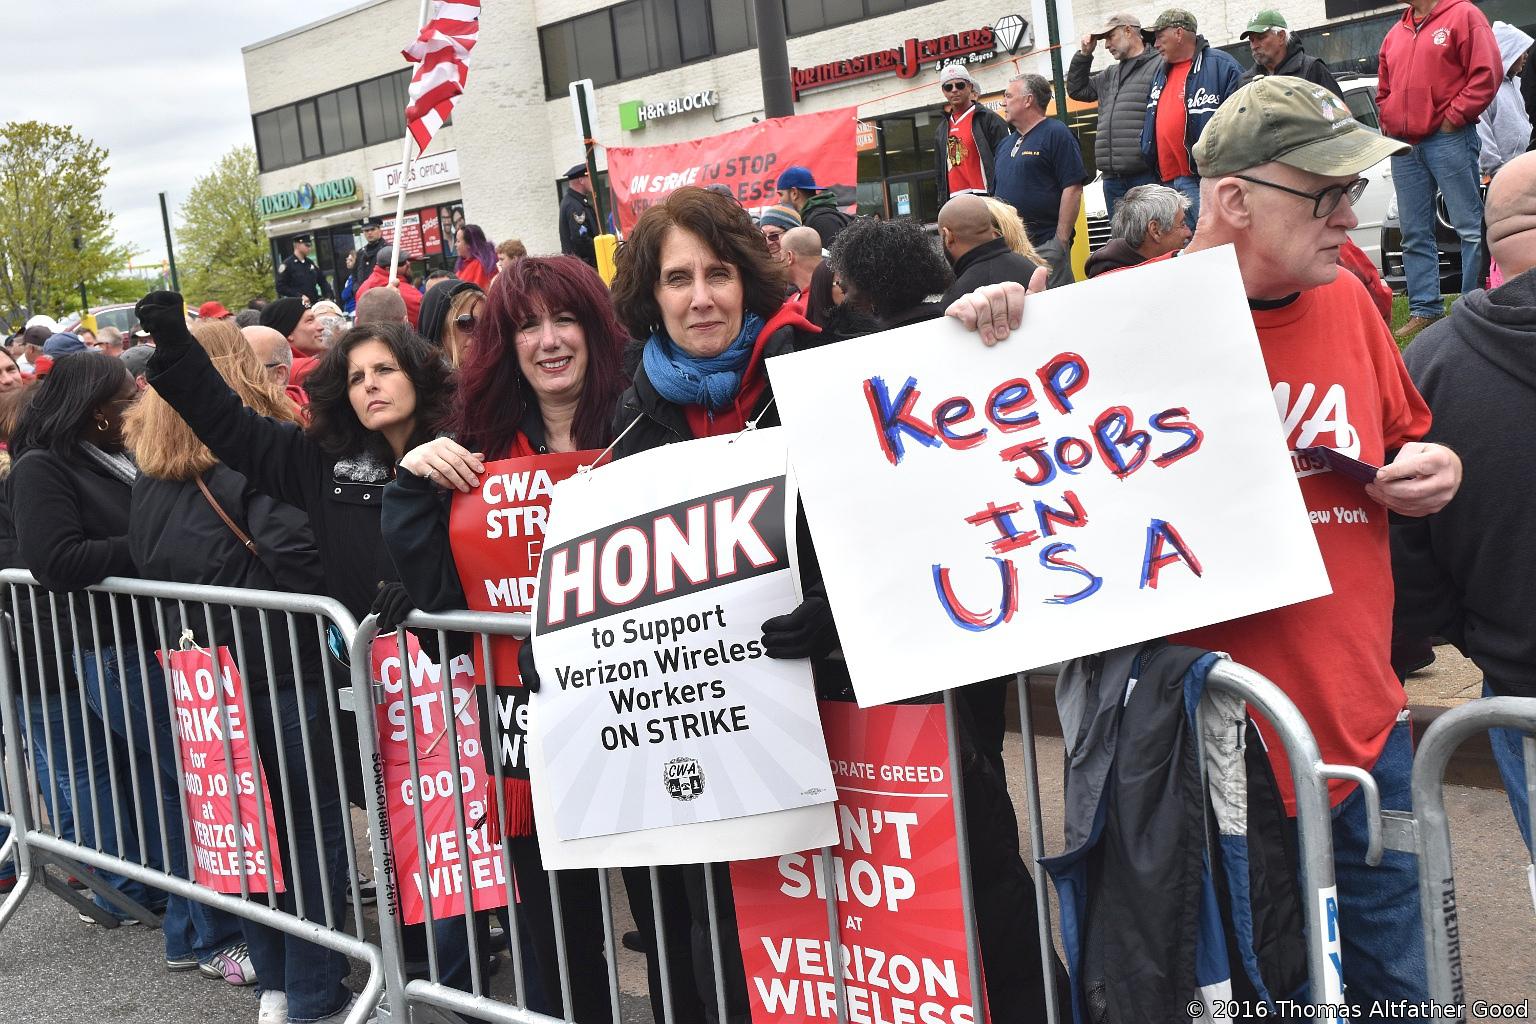 أمريكا, مظاهرات, احتجاجات, فرص العمل